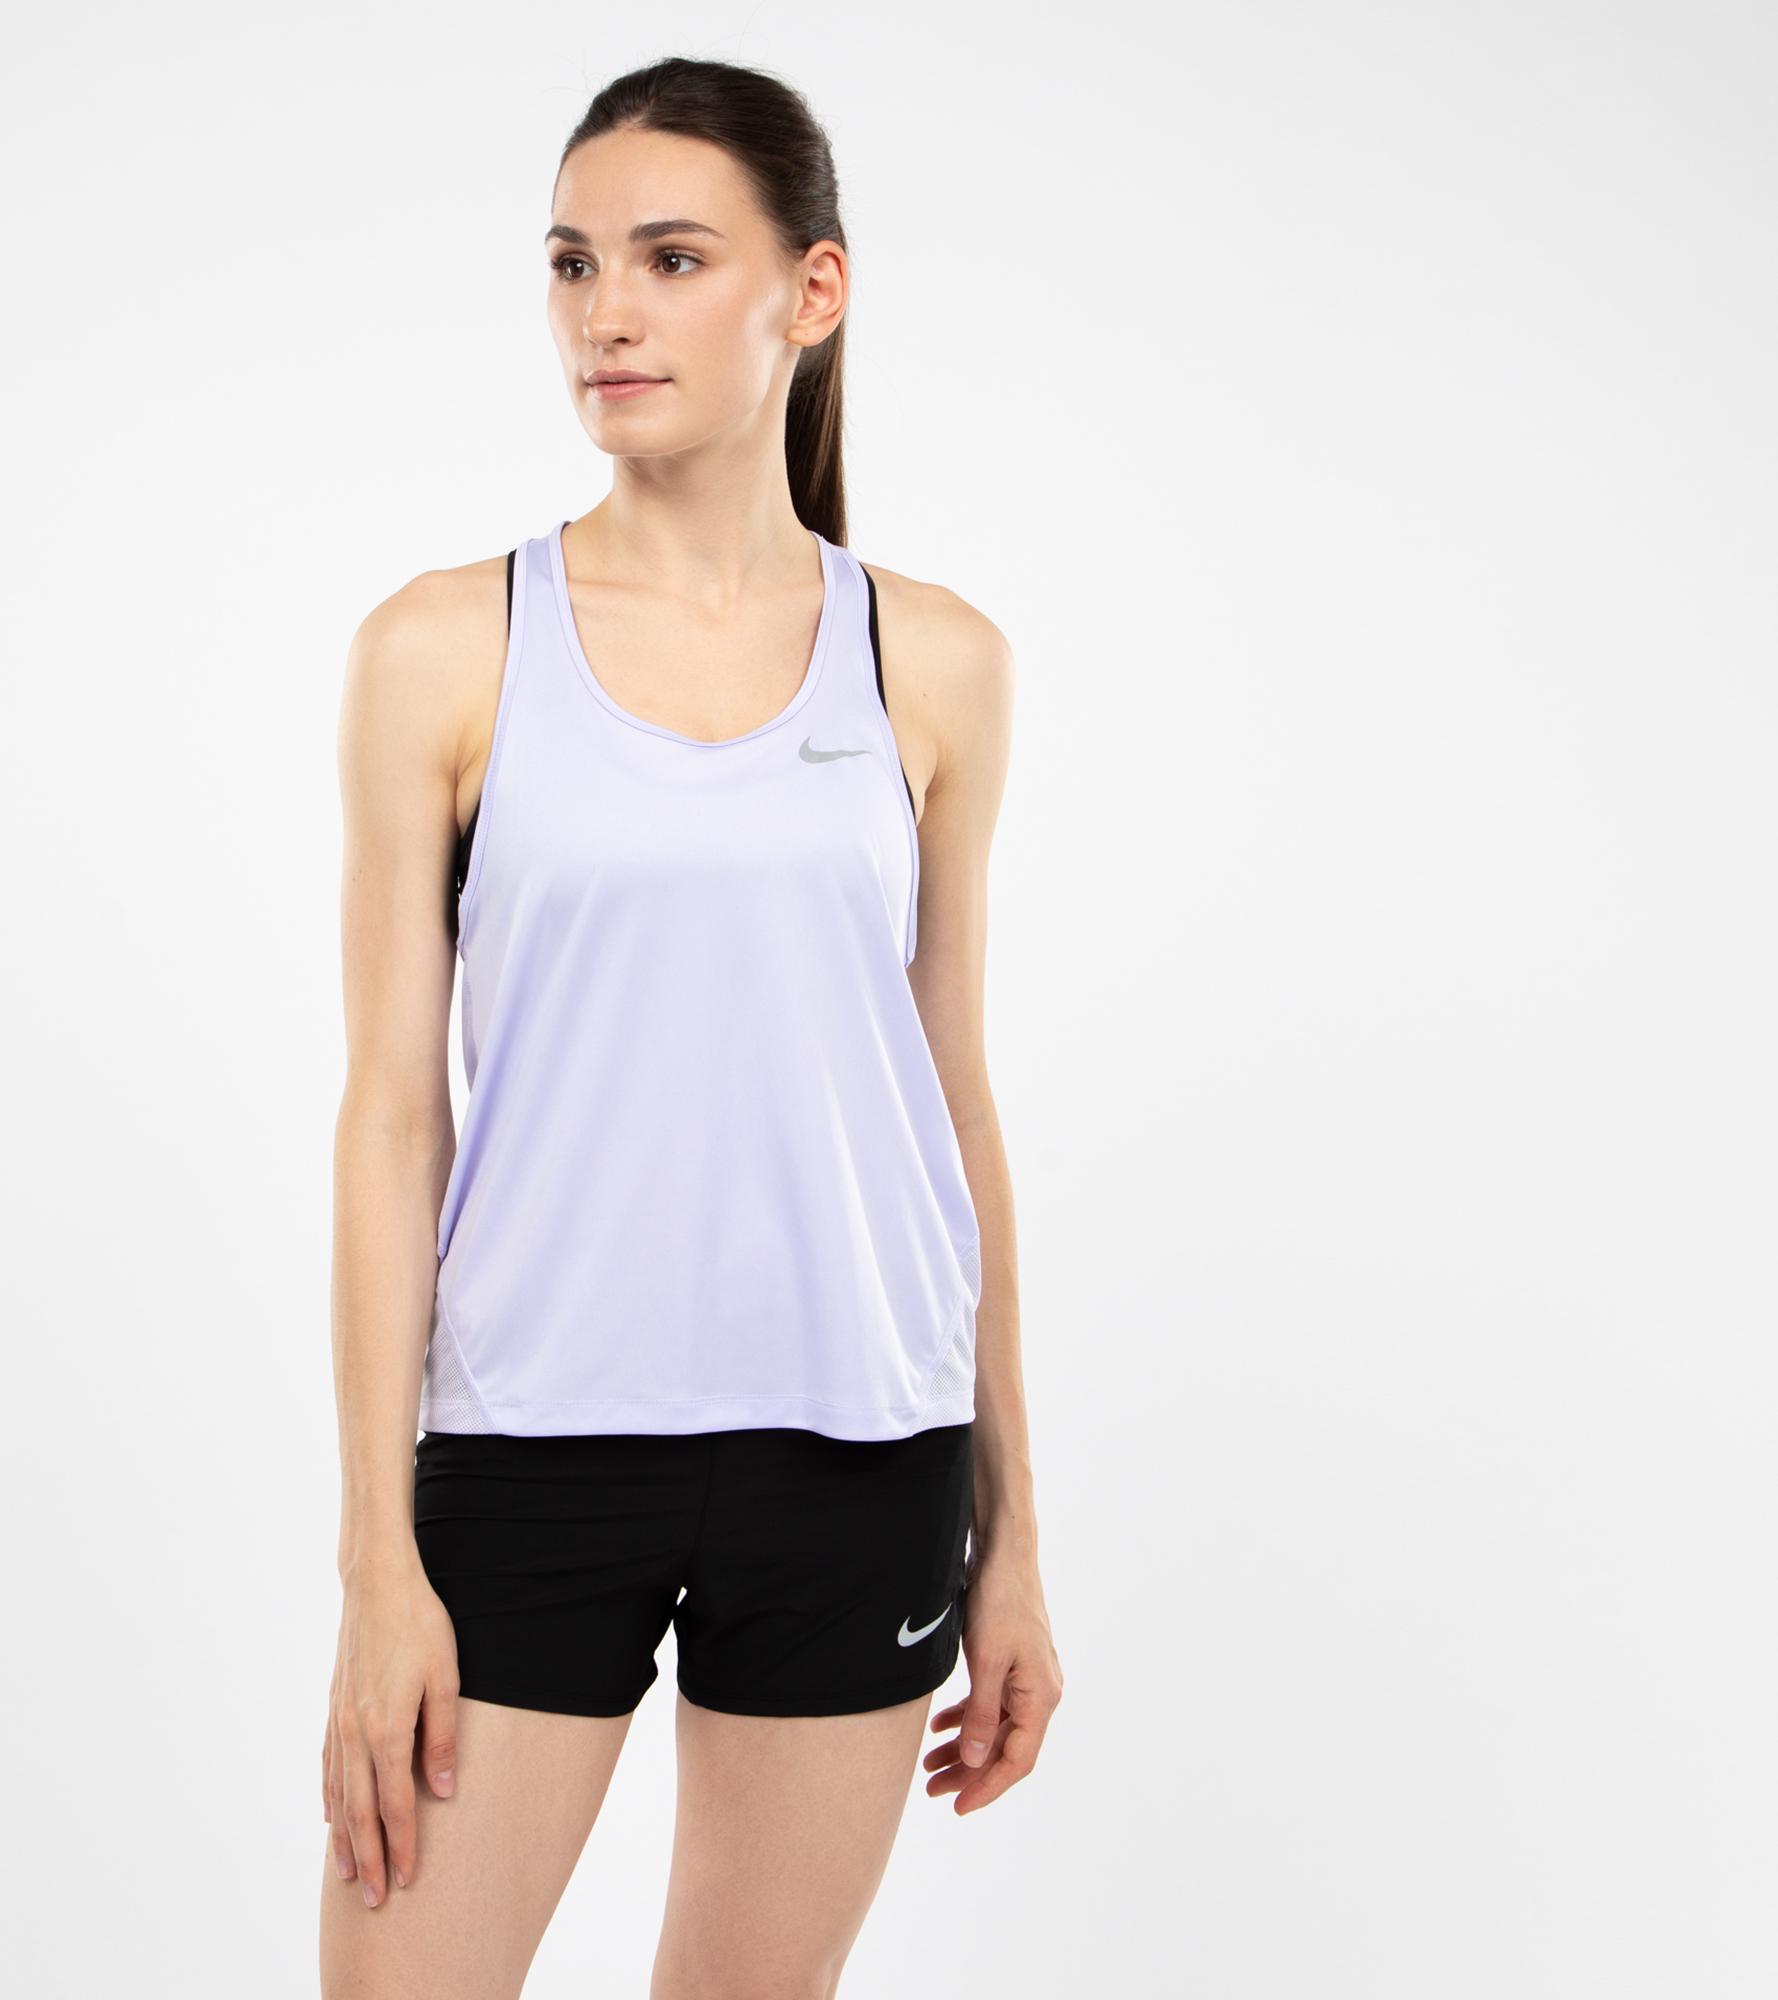 Nike Майка женская Nike Miler, размер 46-48 nike майка женская nike air размер 46 48